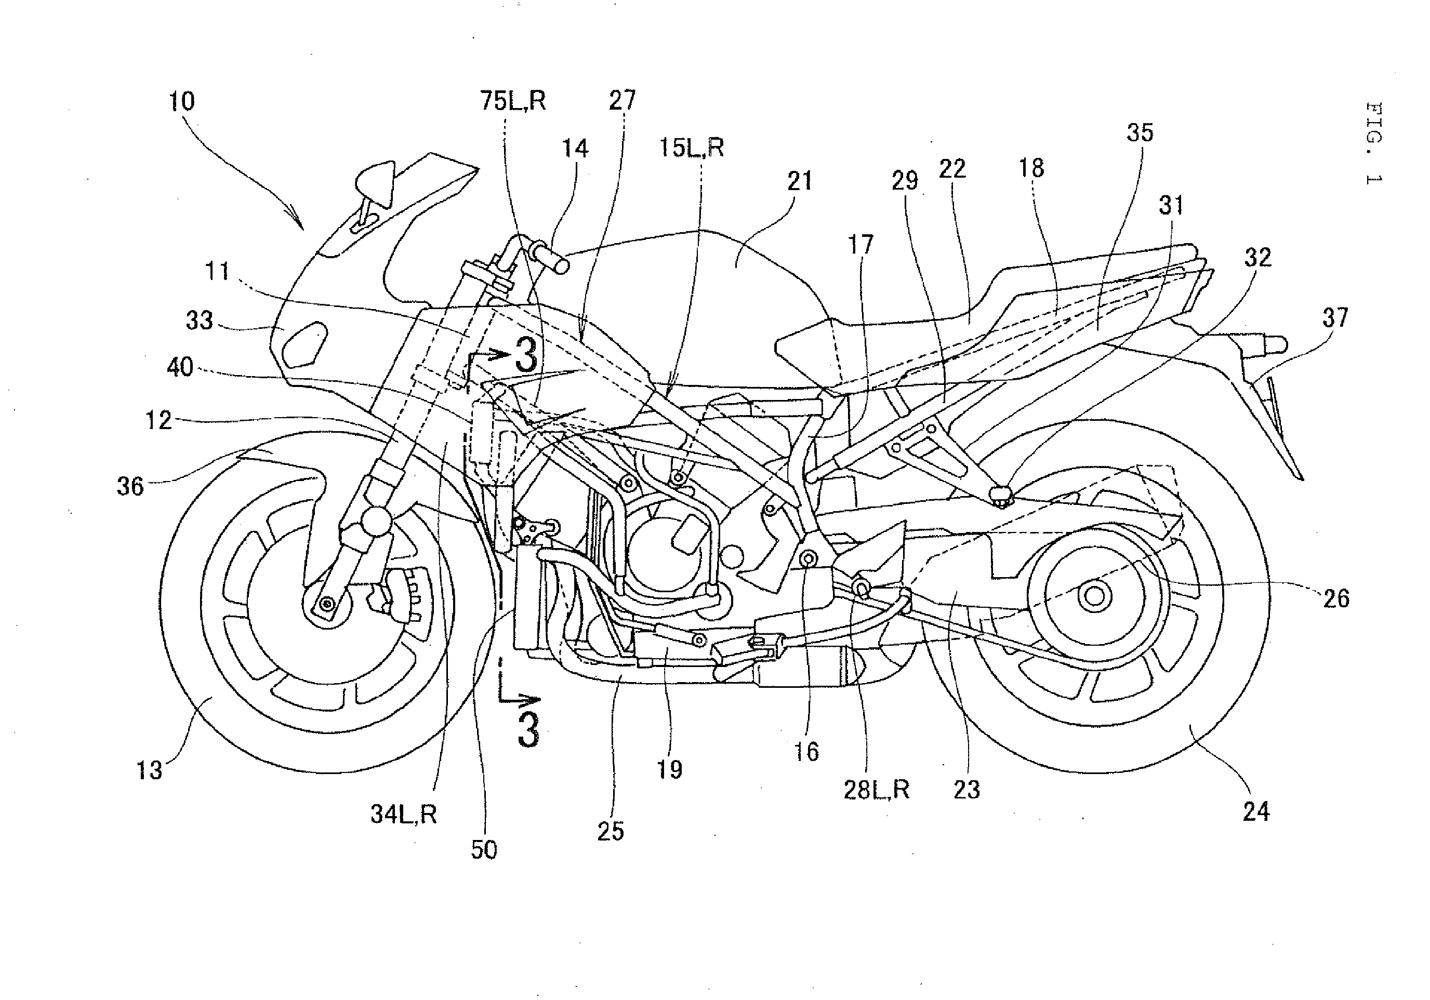 ホンダ Vf800 ホンダの新型スポーツバイクの姿が特許図面から明らかに Moter Sounds